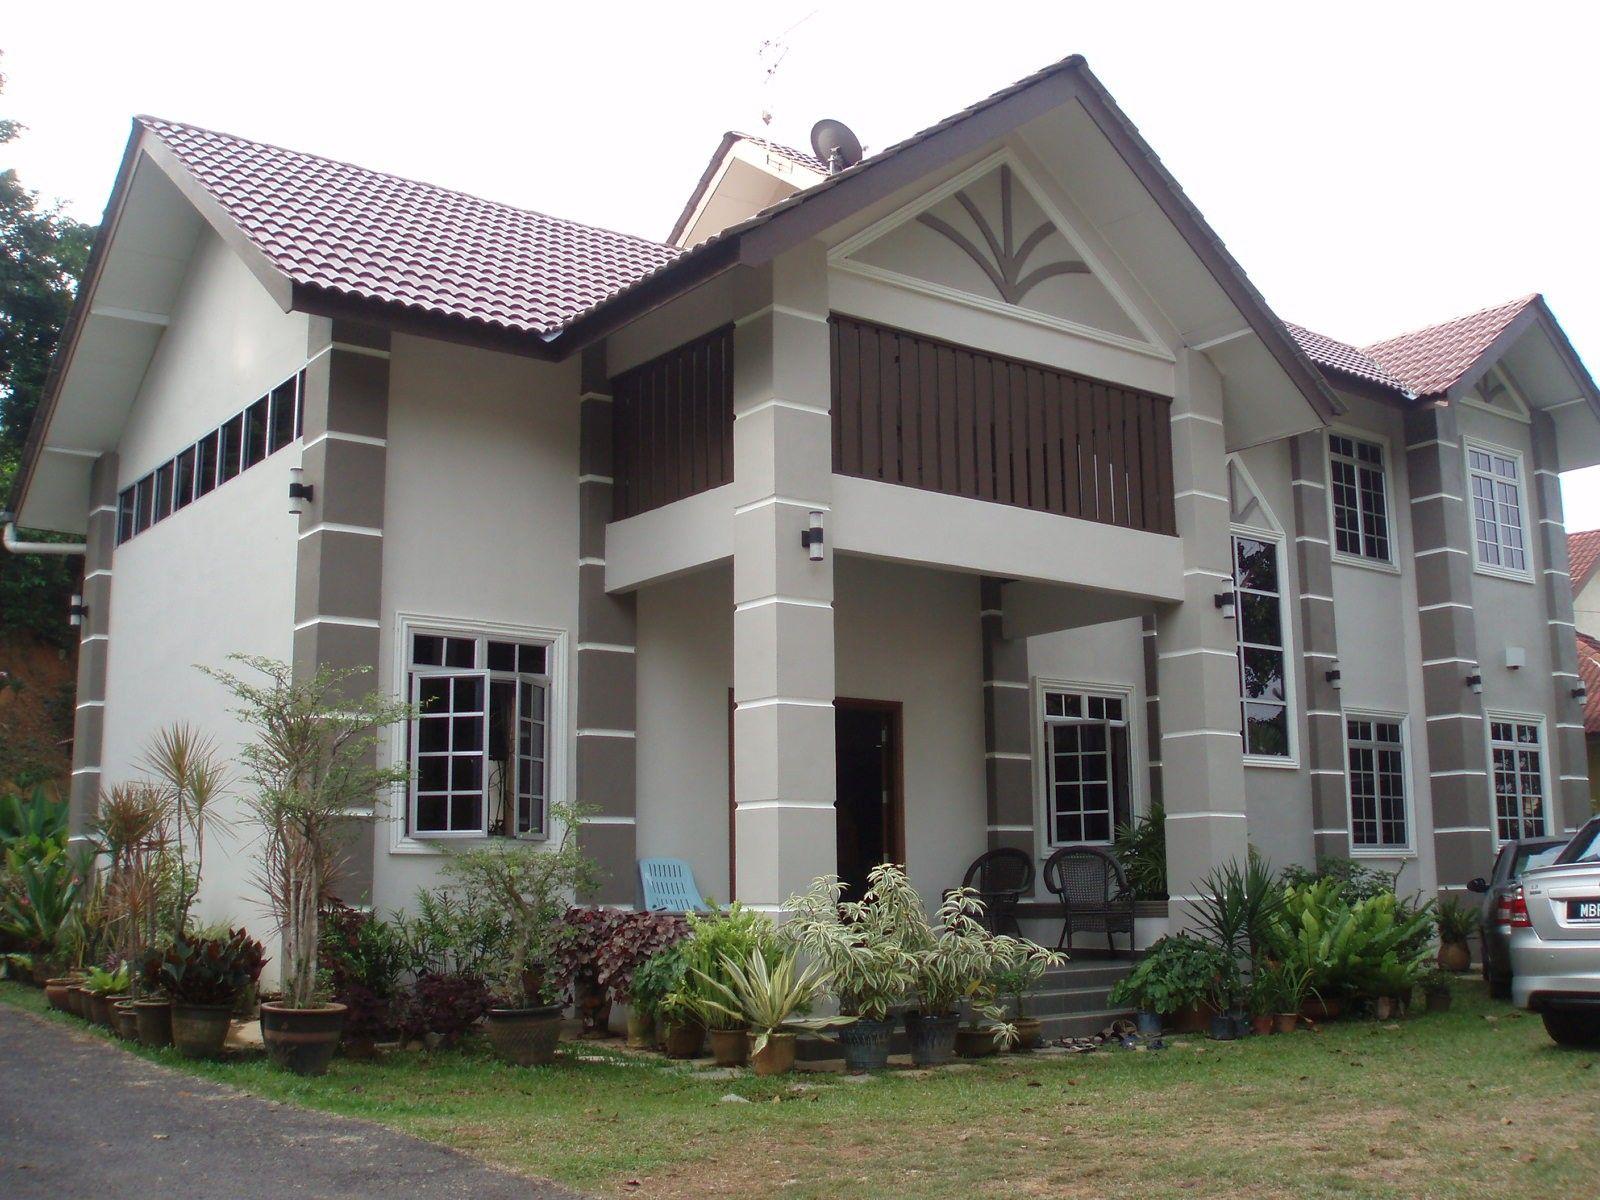 desain rumah mewah idaman banyak disukai